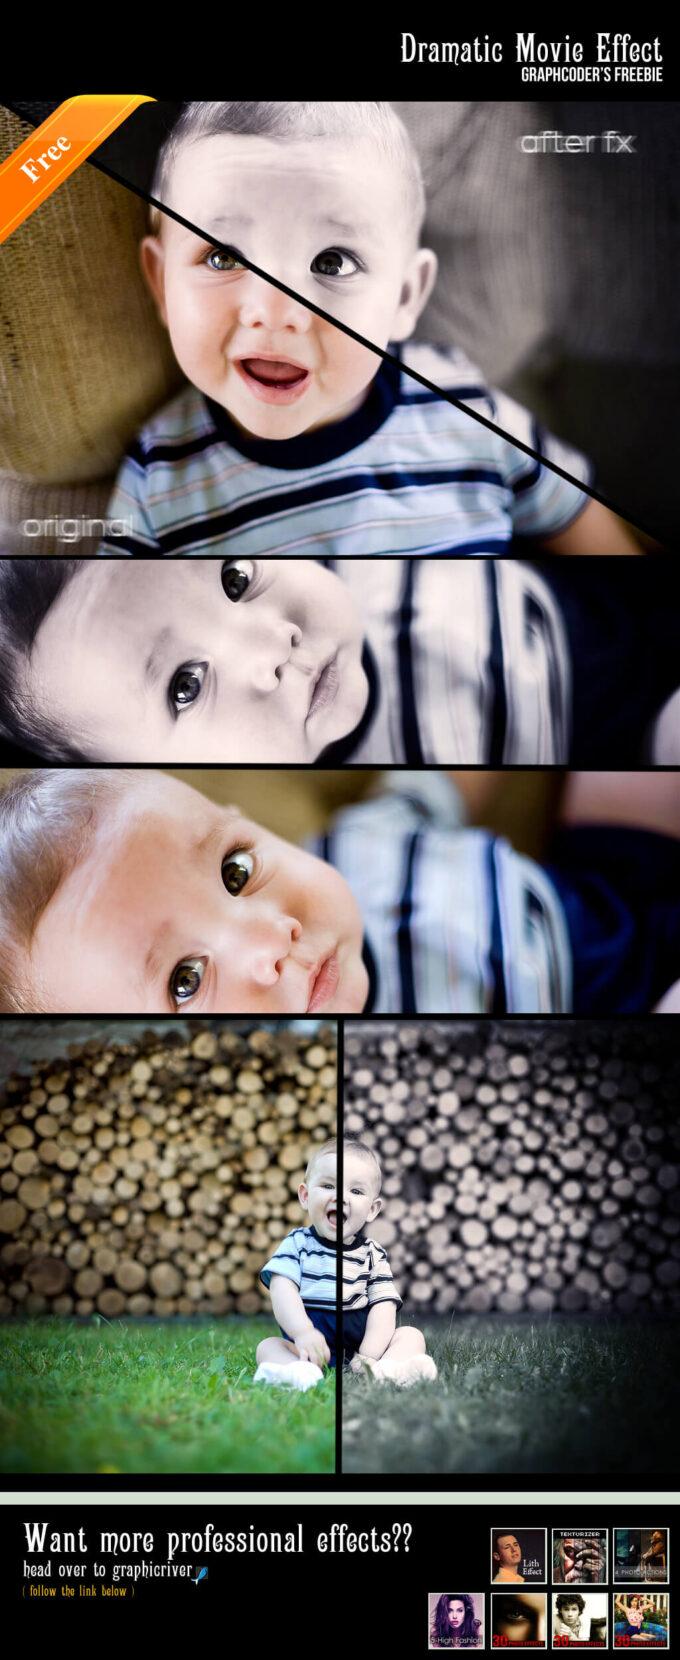 Adobe Photoshop Free Action Material フリー アクション 素材 LOMO ロモグラフィー トイカメラ Movie Drama Effect Action